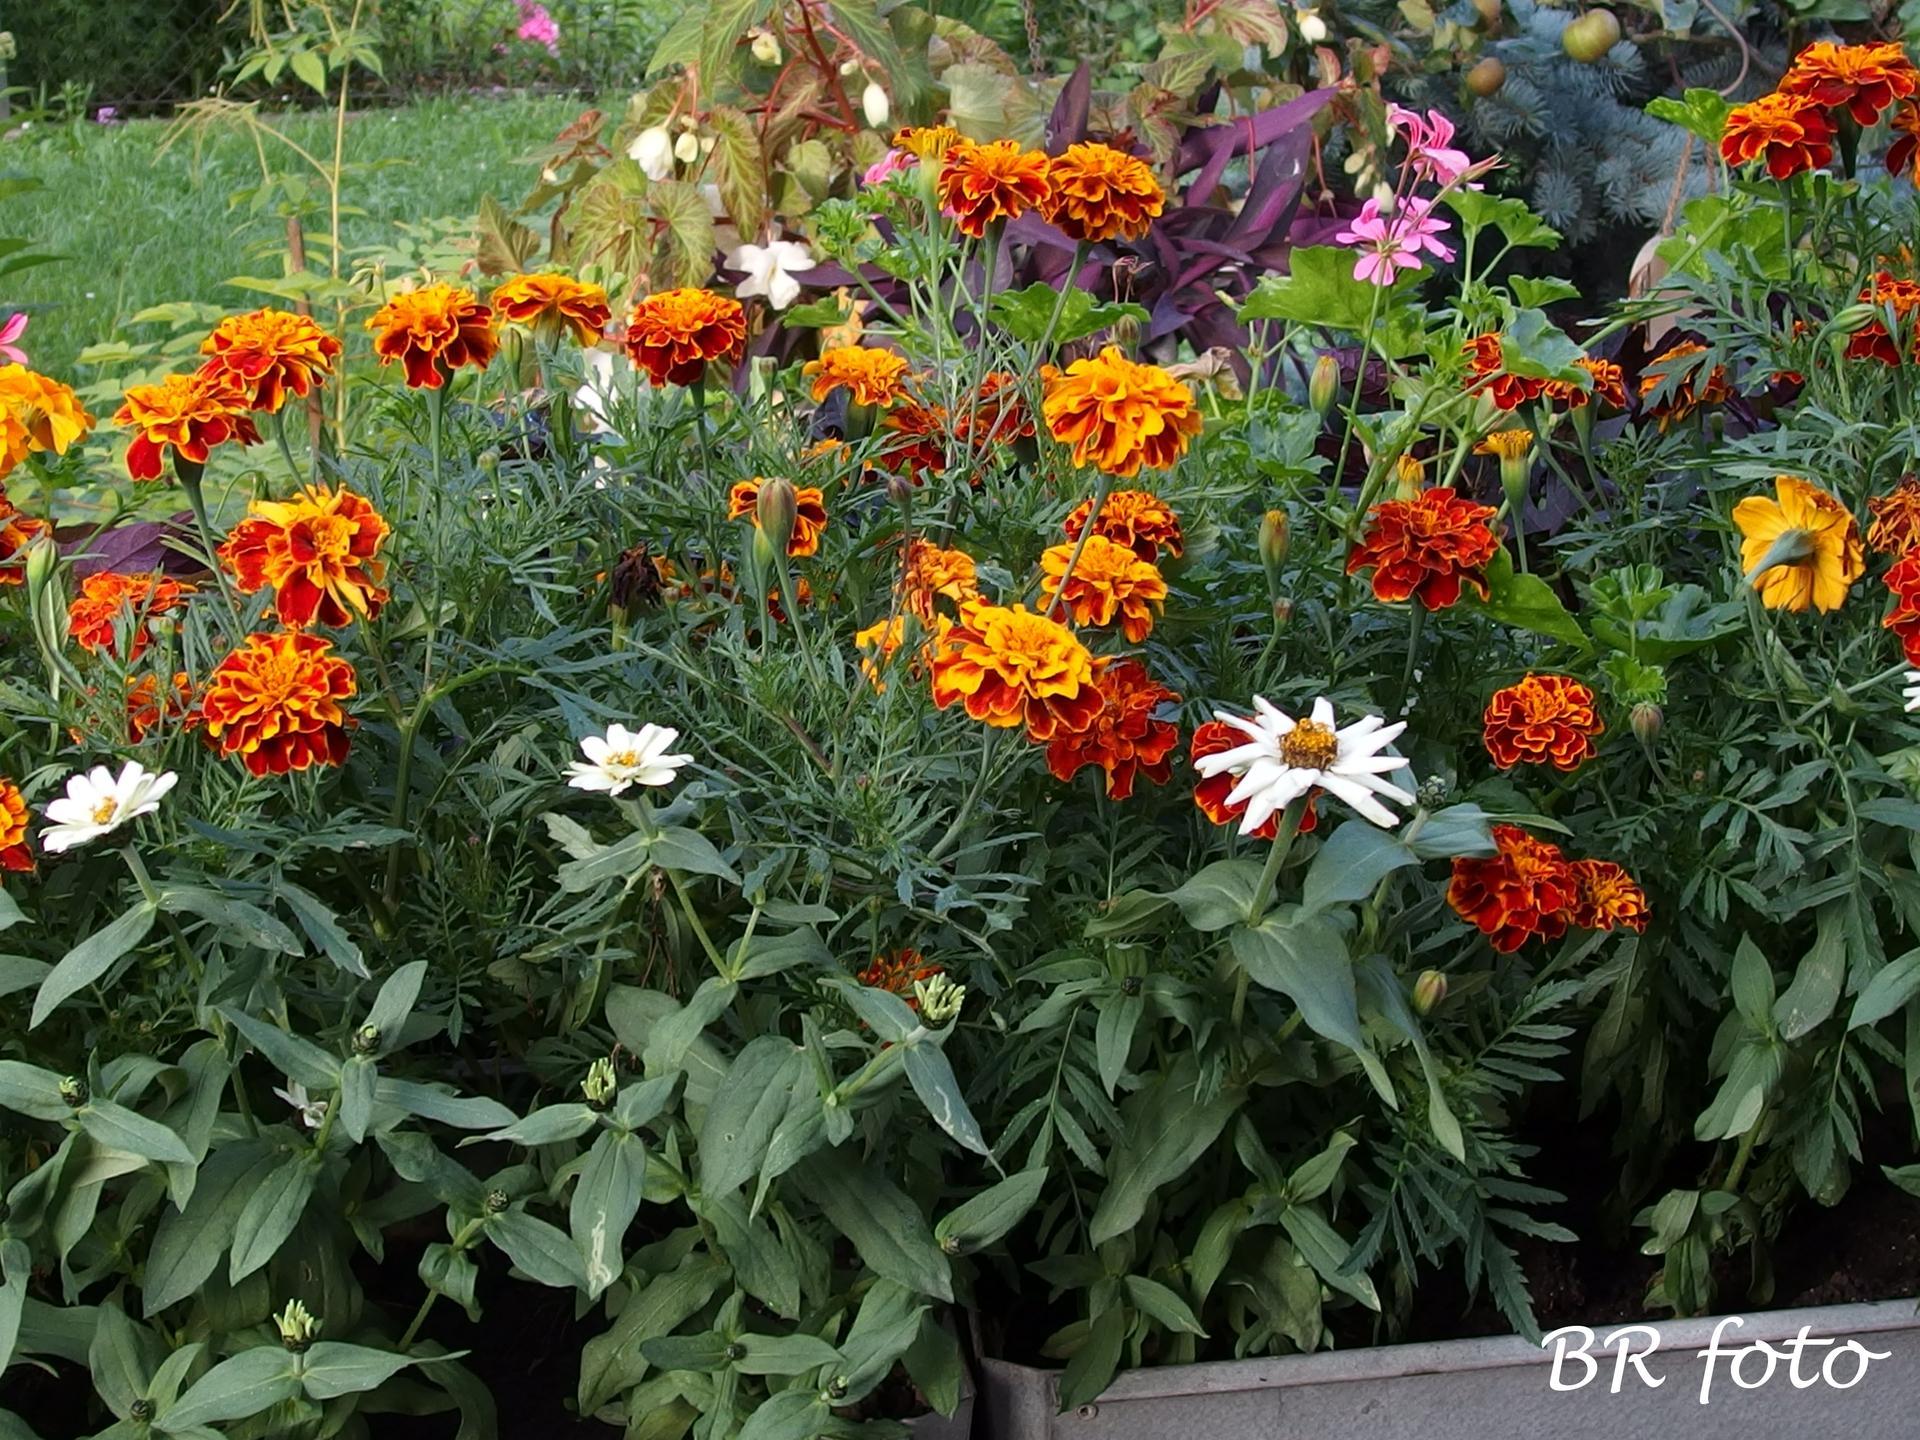 Zahrada v létě - do truhlíku jsem vysadila i afrikány a nízkou cínii, sama jsem si vypěstovala